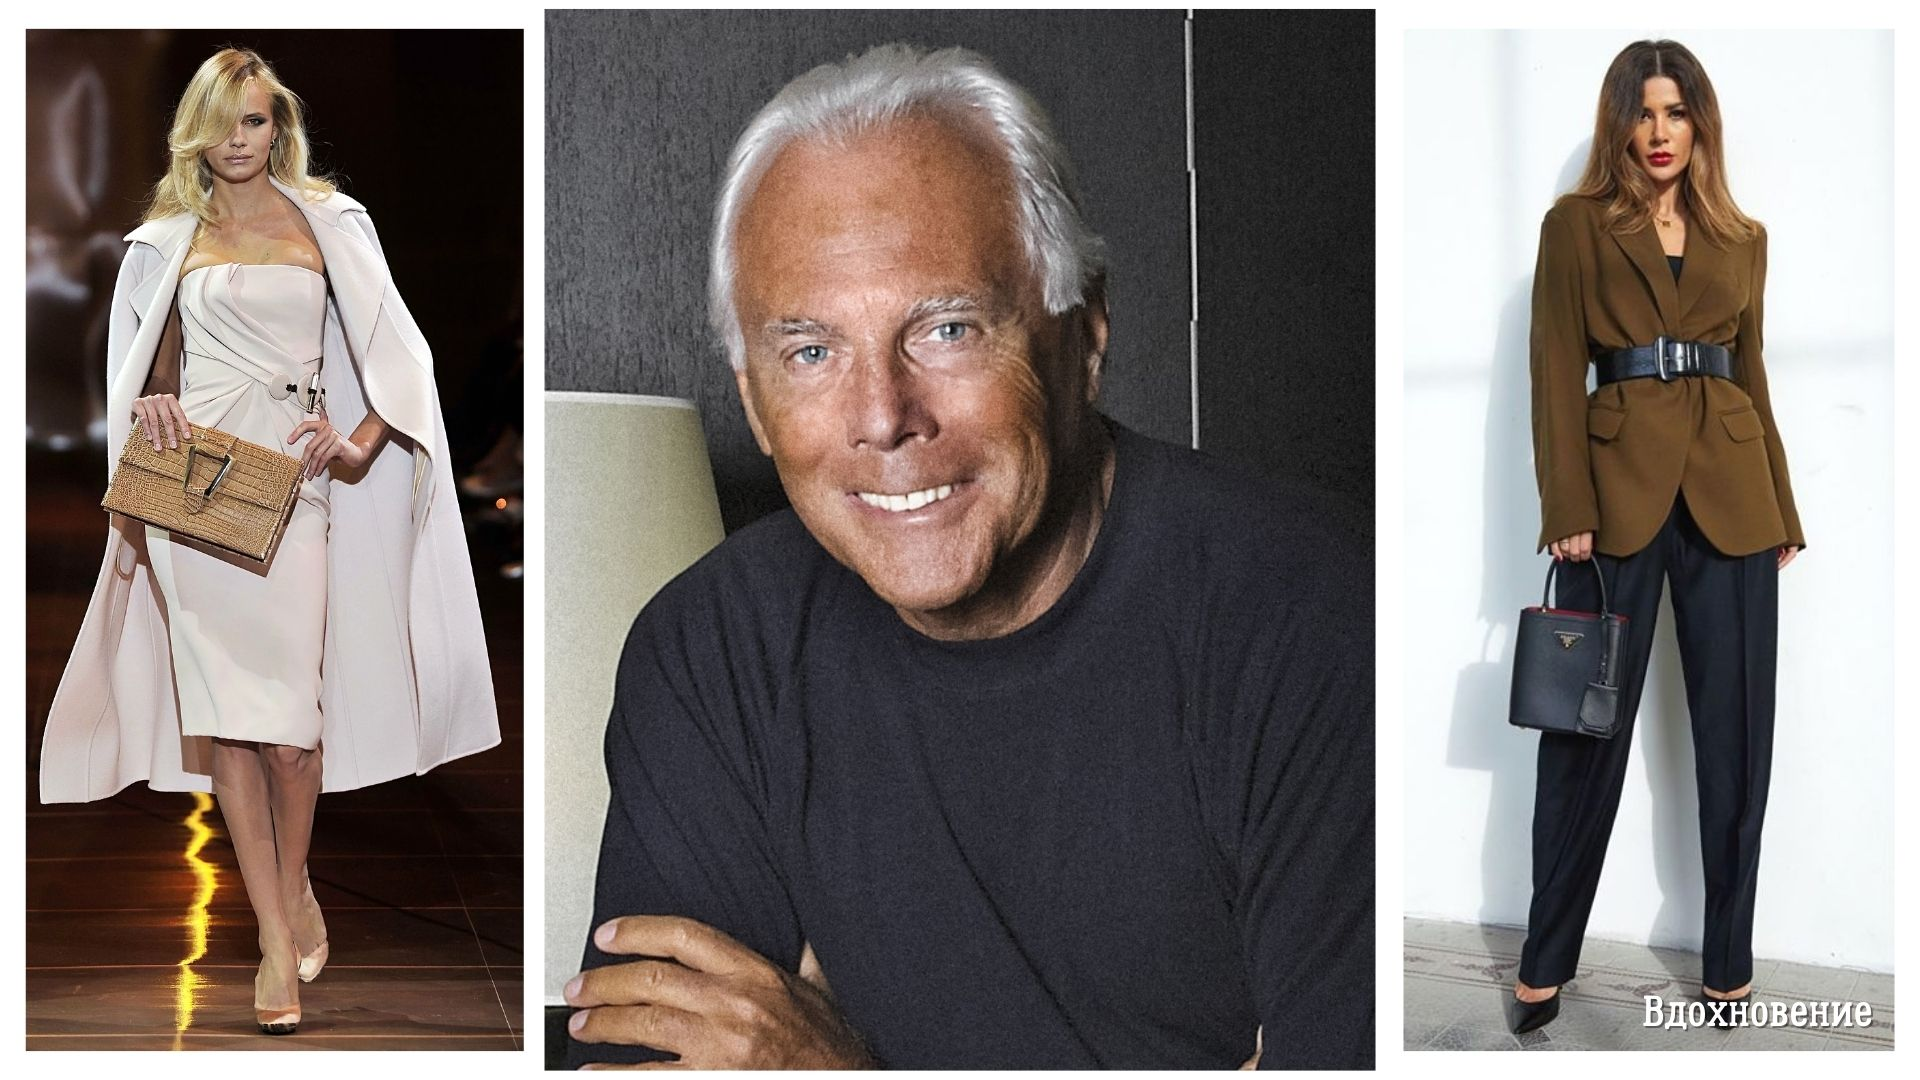 Джорджо Армани: 5 секретов стиля великого дизайнера